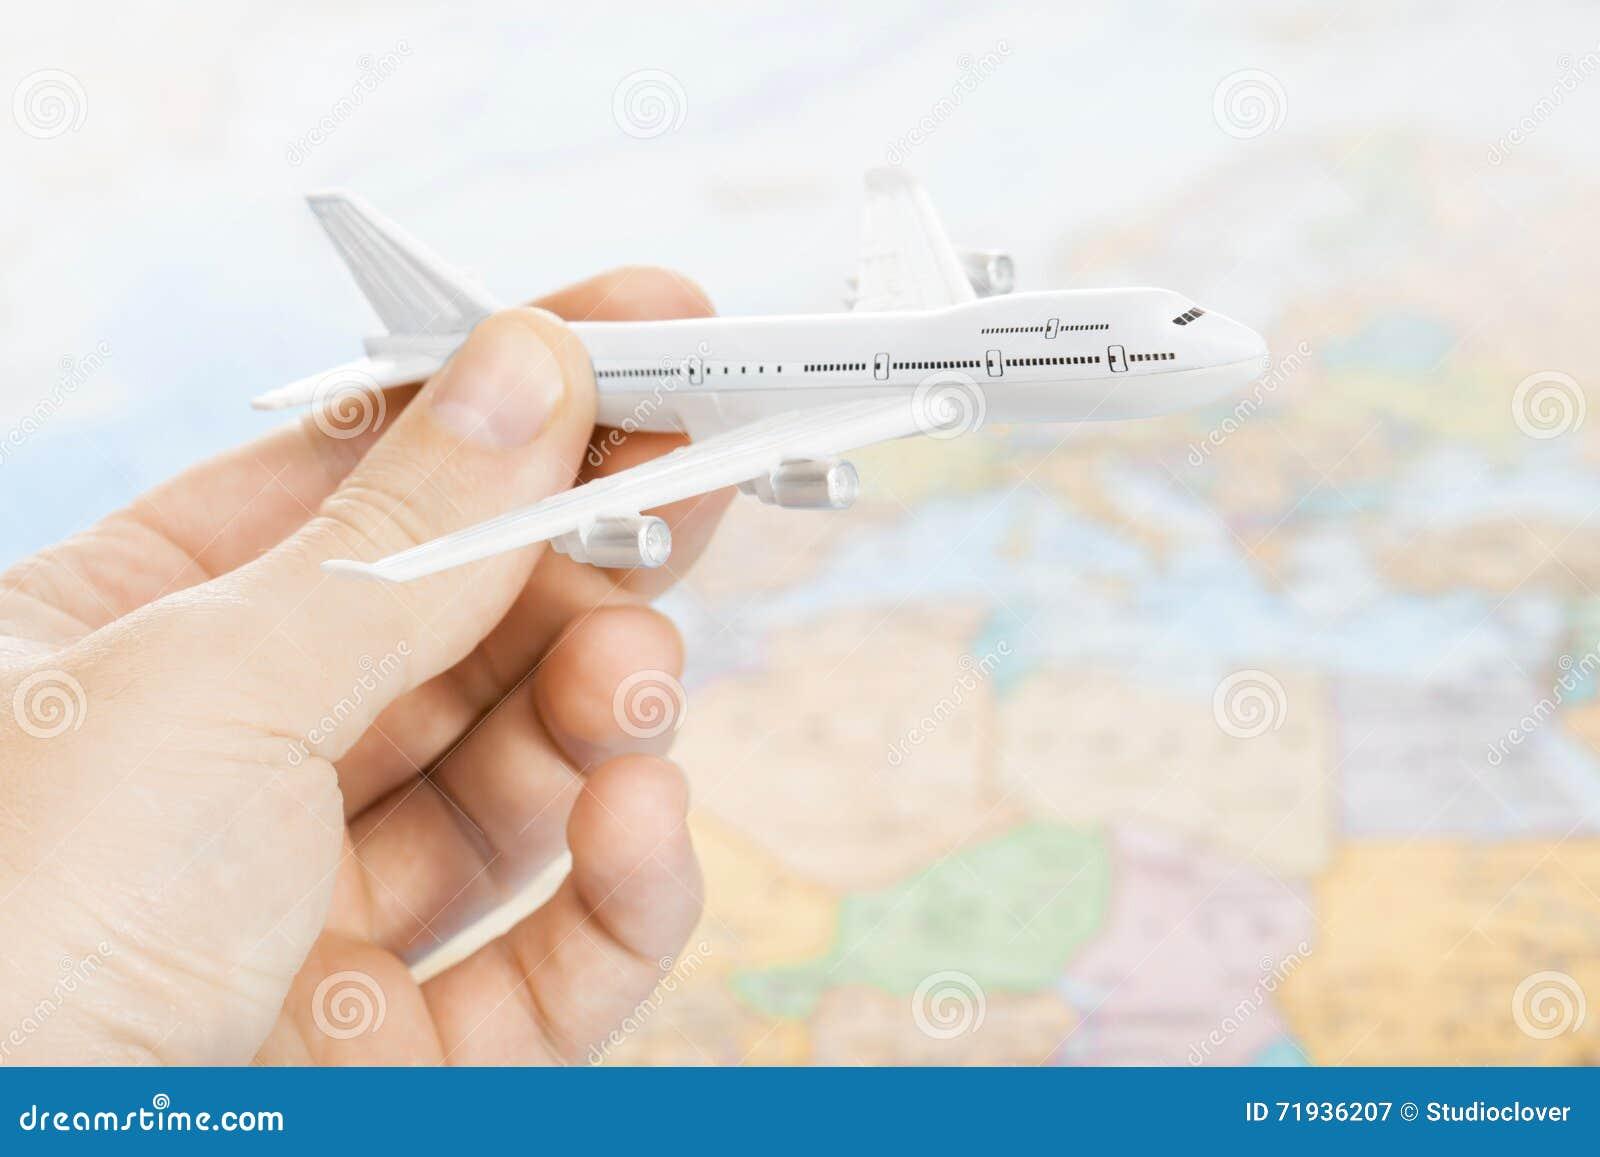 Связанные путешествовать, туризм, сообщения и все вещи - забавляйтесь самолет в руке с картой мира на предпосылке